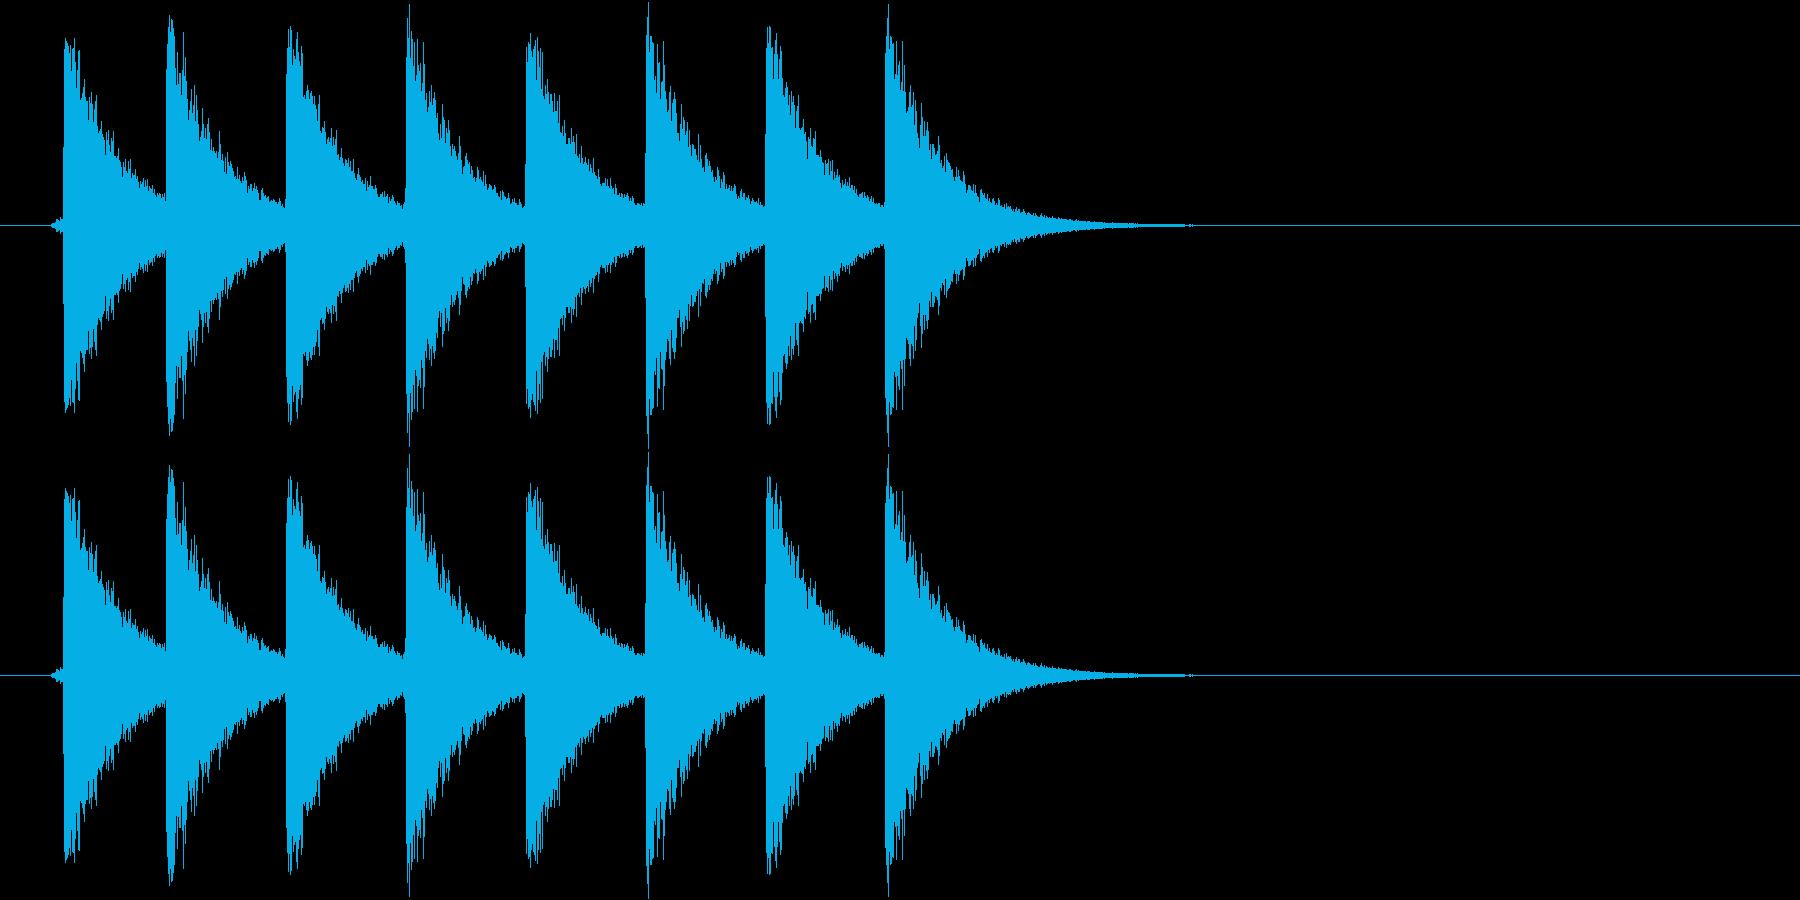 クイズ、正解等の再生済みの波形